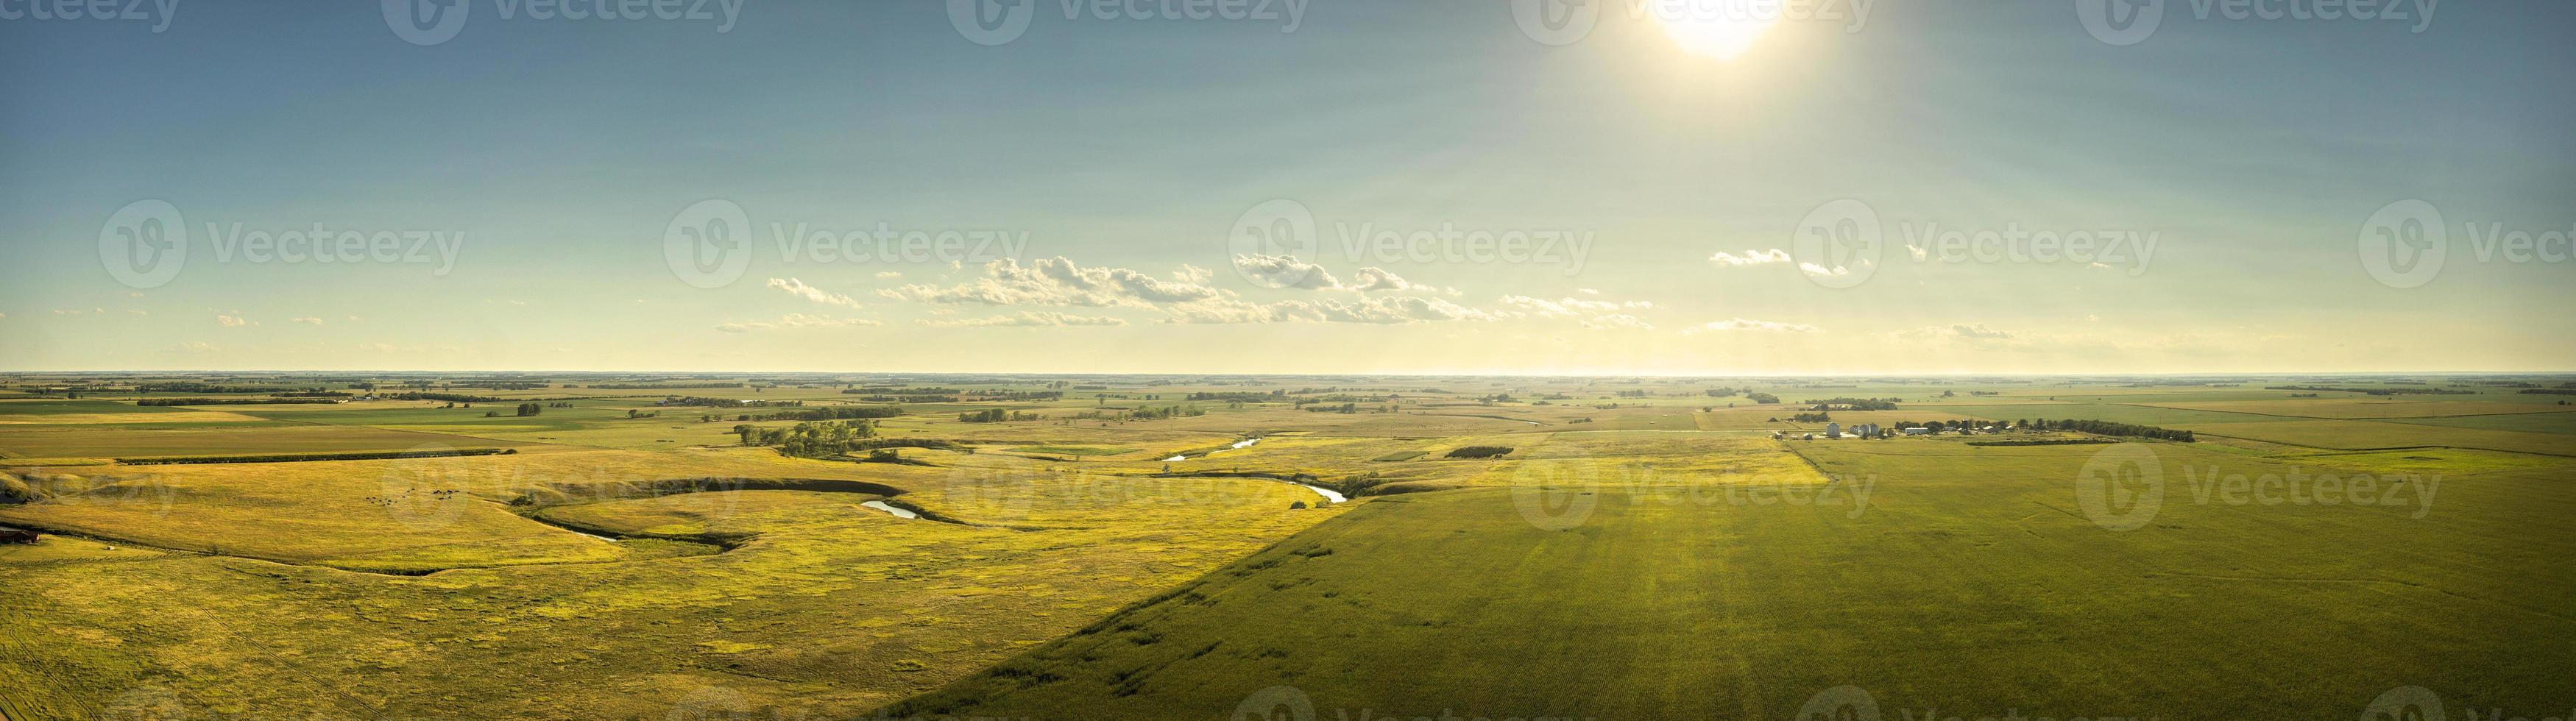 soleil sur les plaines du dakota du sud photo